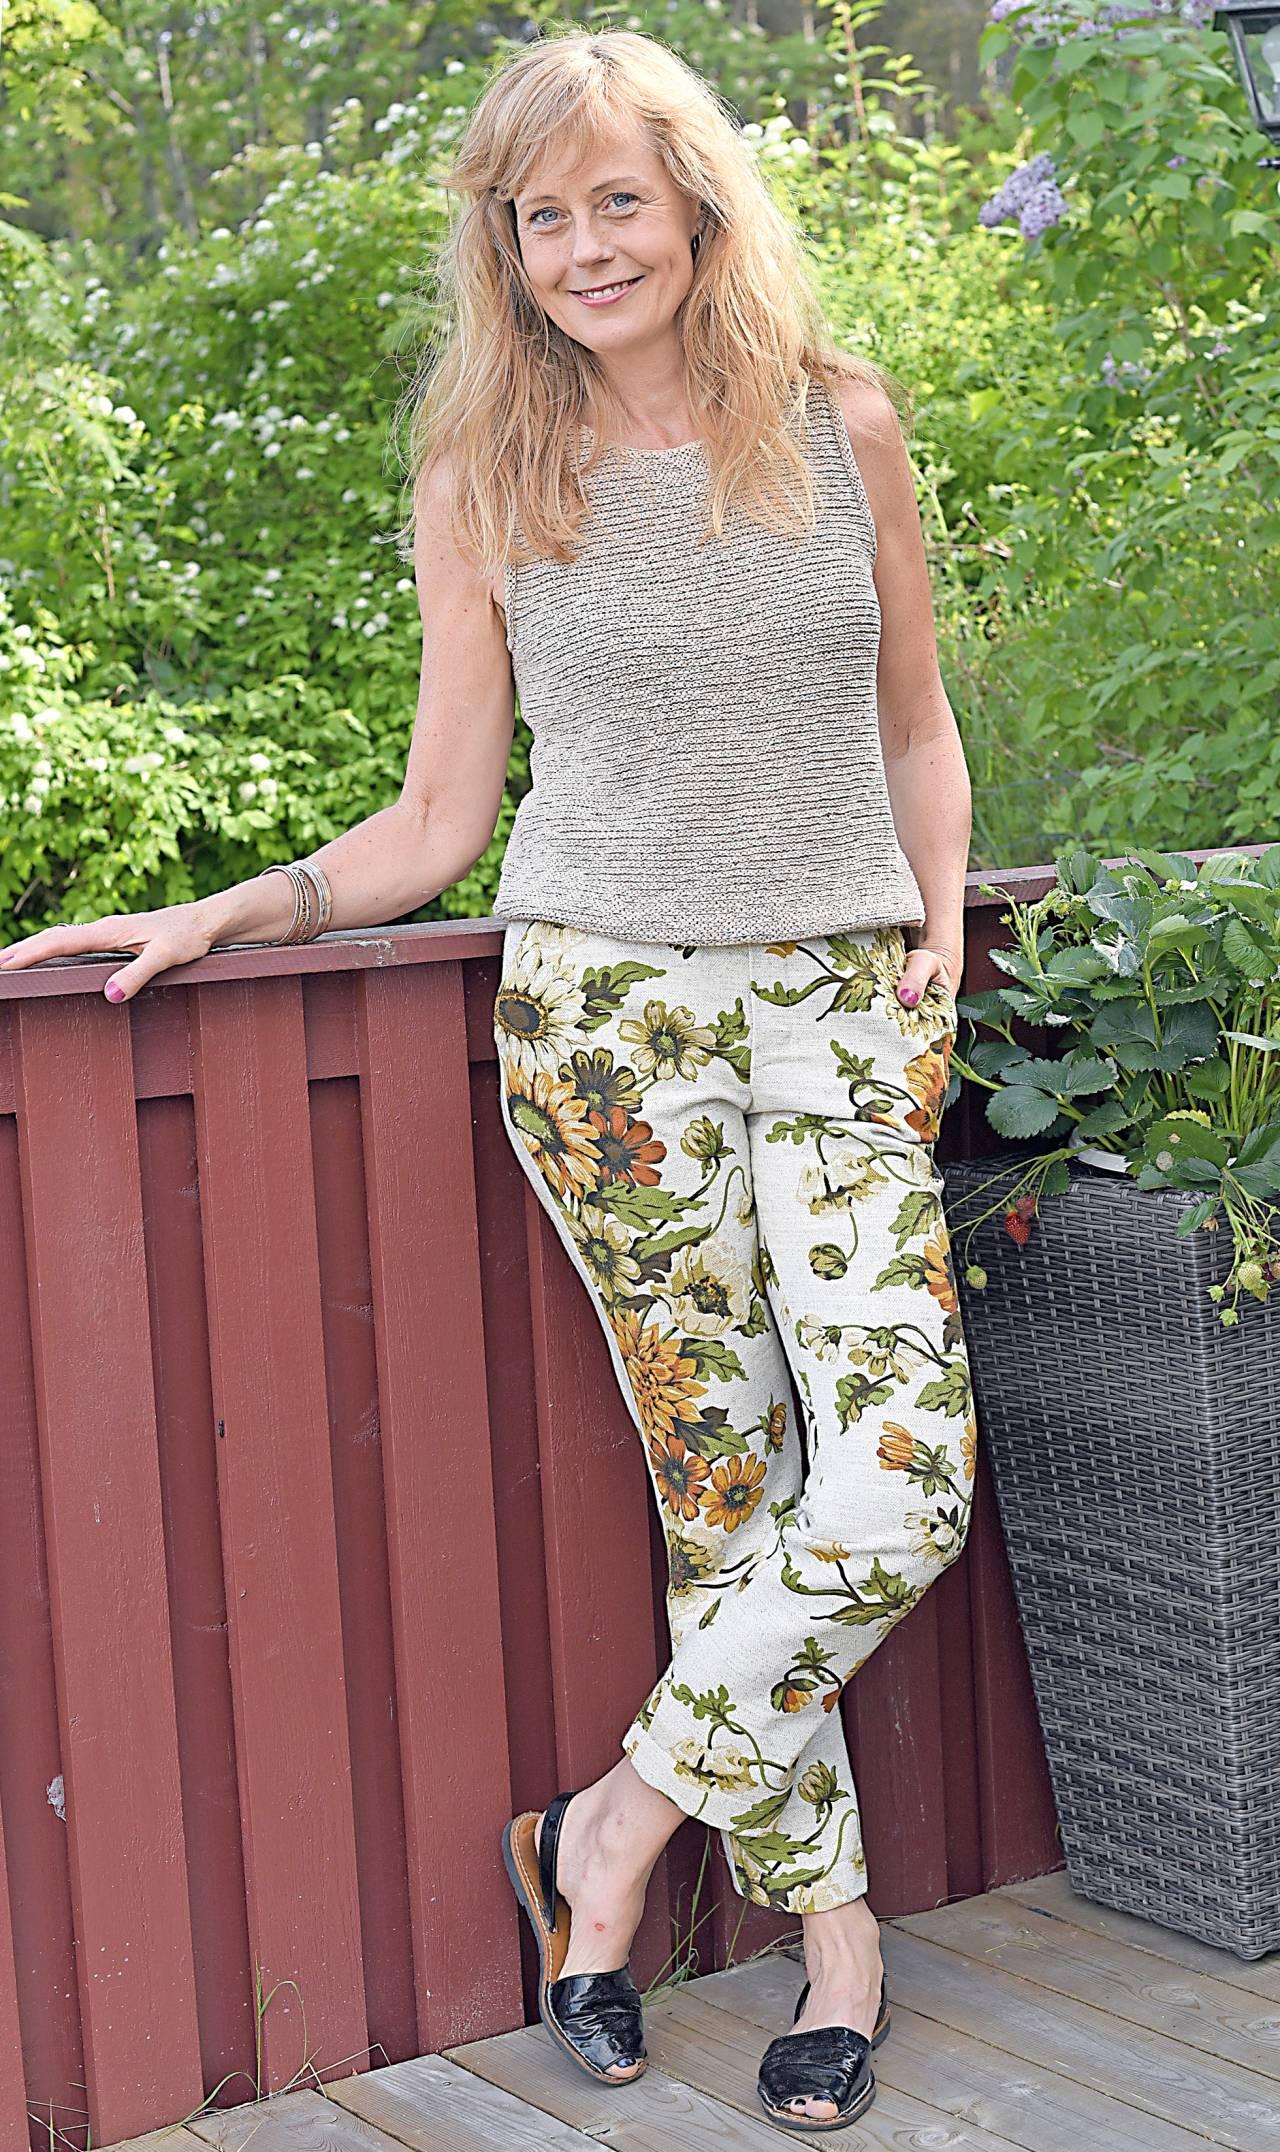 Ann-Sofie, som brinner får hållbart mode, visar här upp ett par hemsydda byxor – som från blöjan var gardiner!